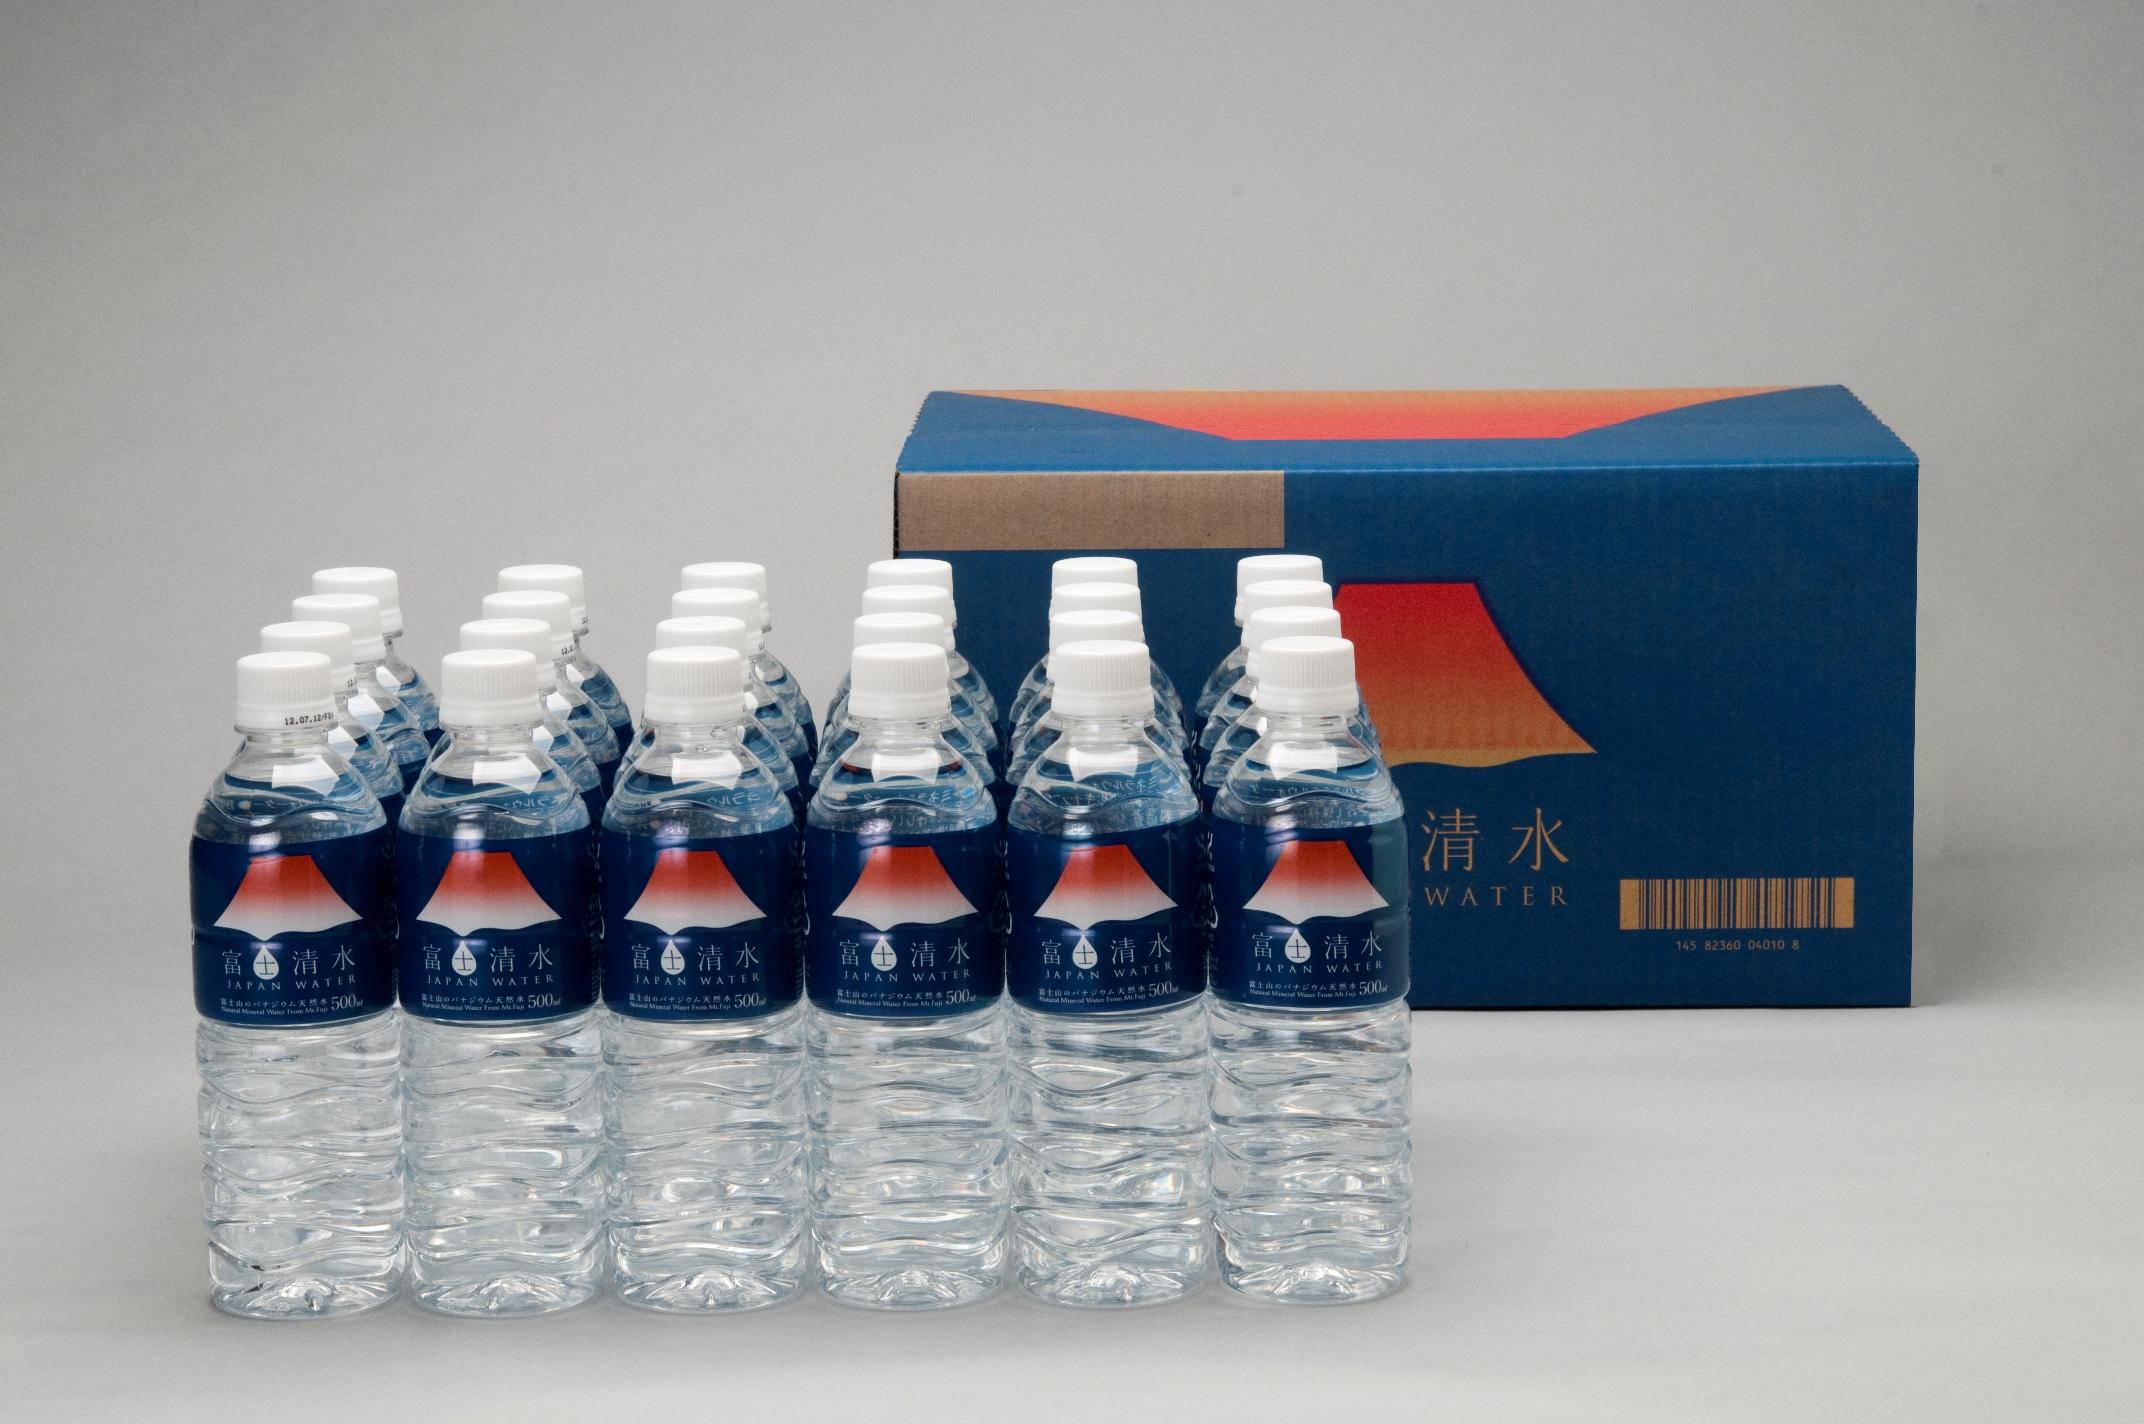 ミツウロコビバレッジ 富士清水 JAPAN WATER 富士山のバナジウム天然水 500ml×24本×2箱セット 送料無料